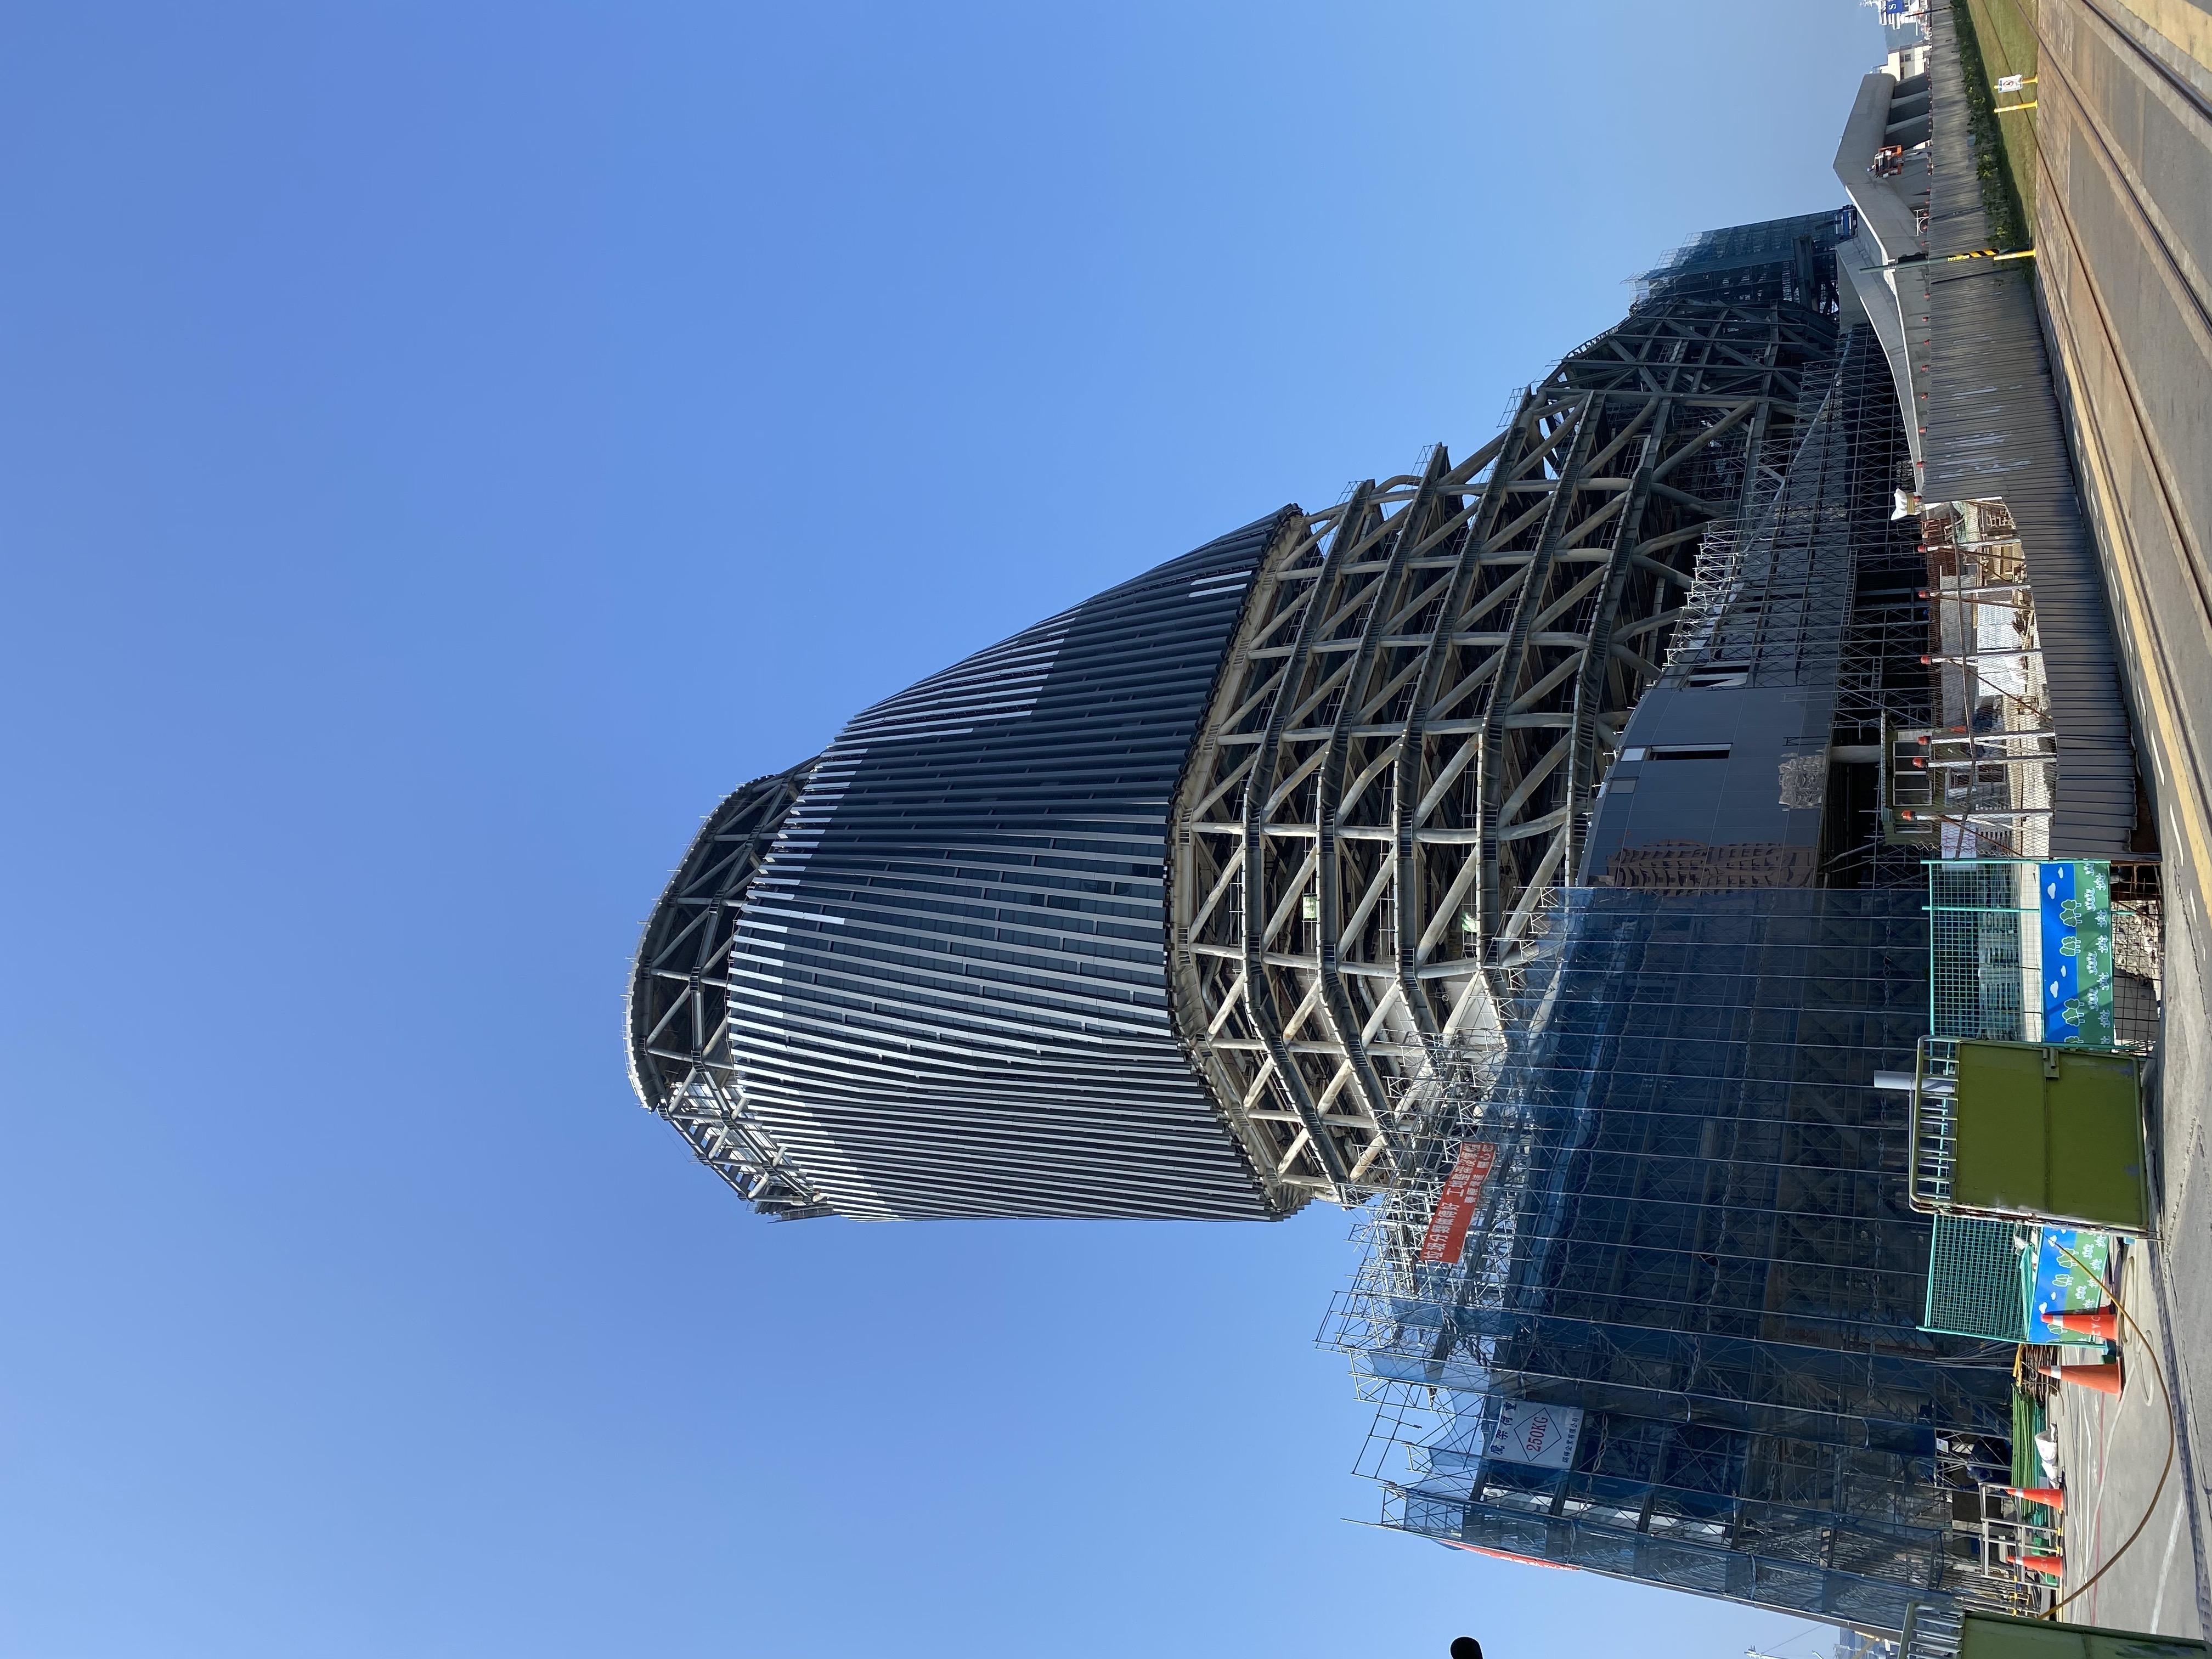 高雄港埠旅運中心(施工中)1090205